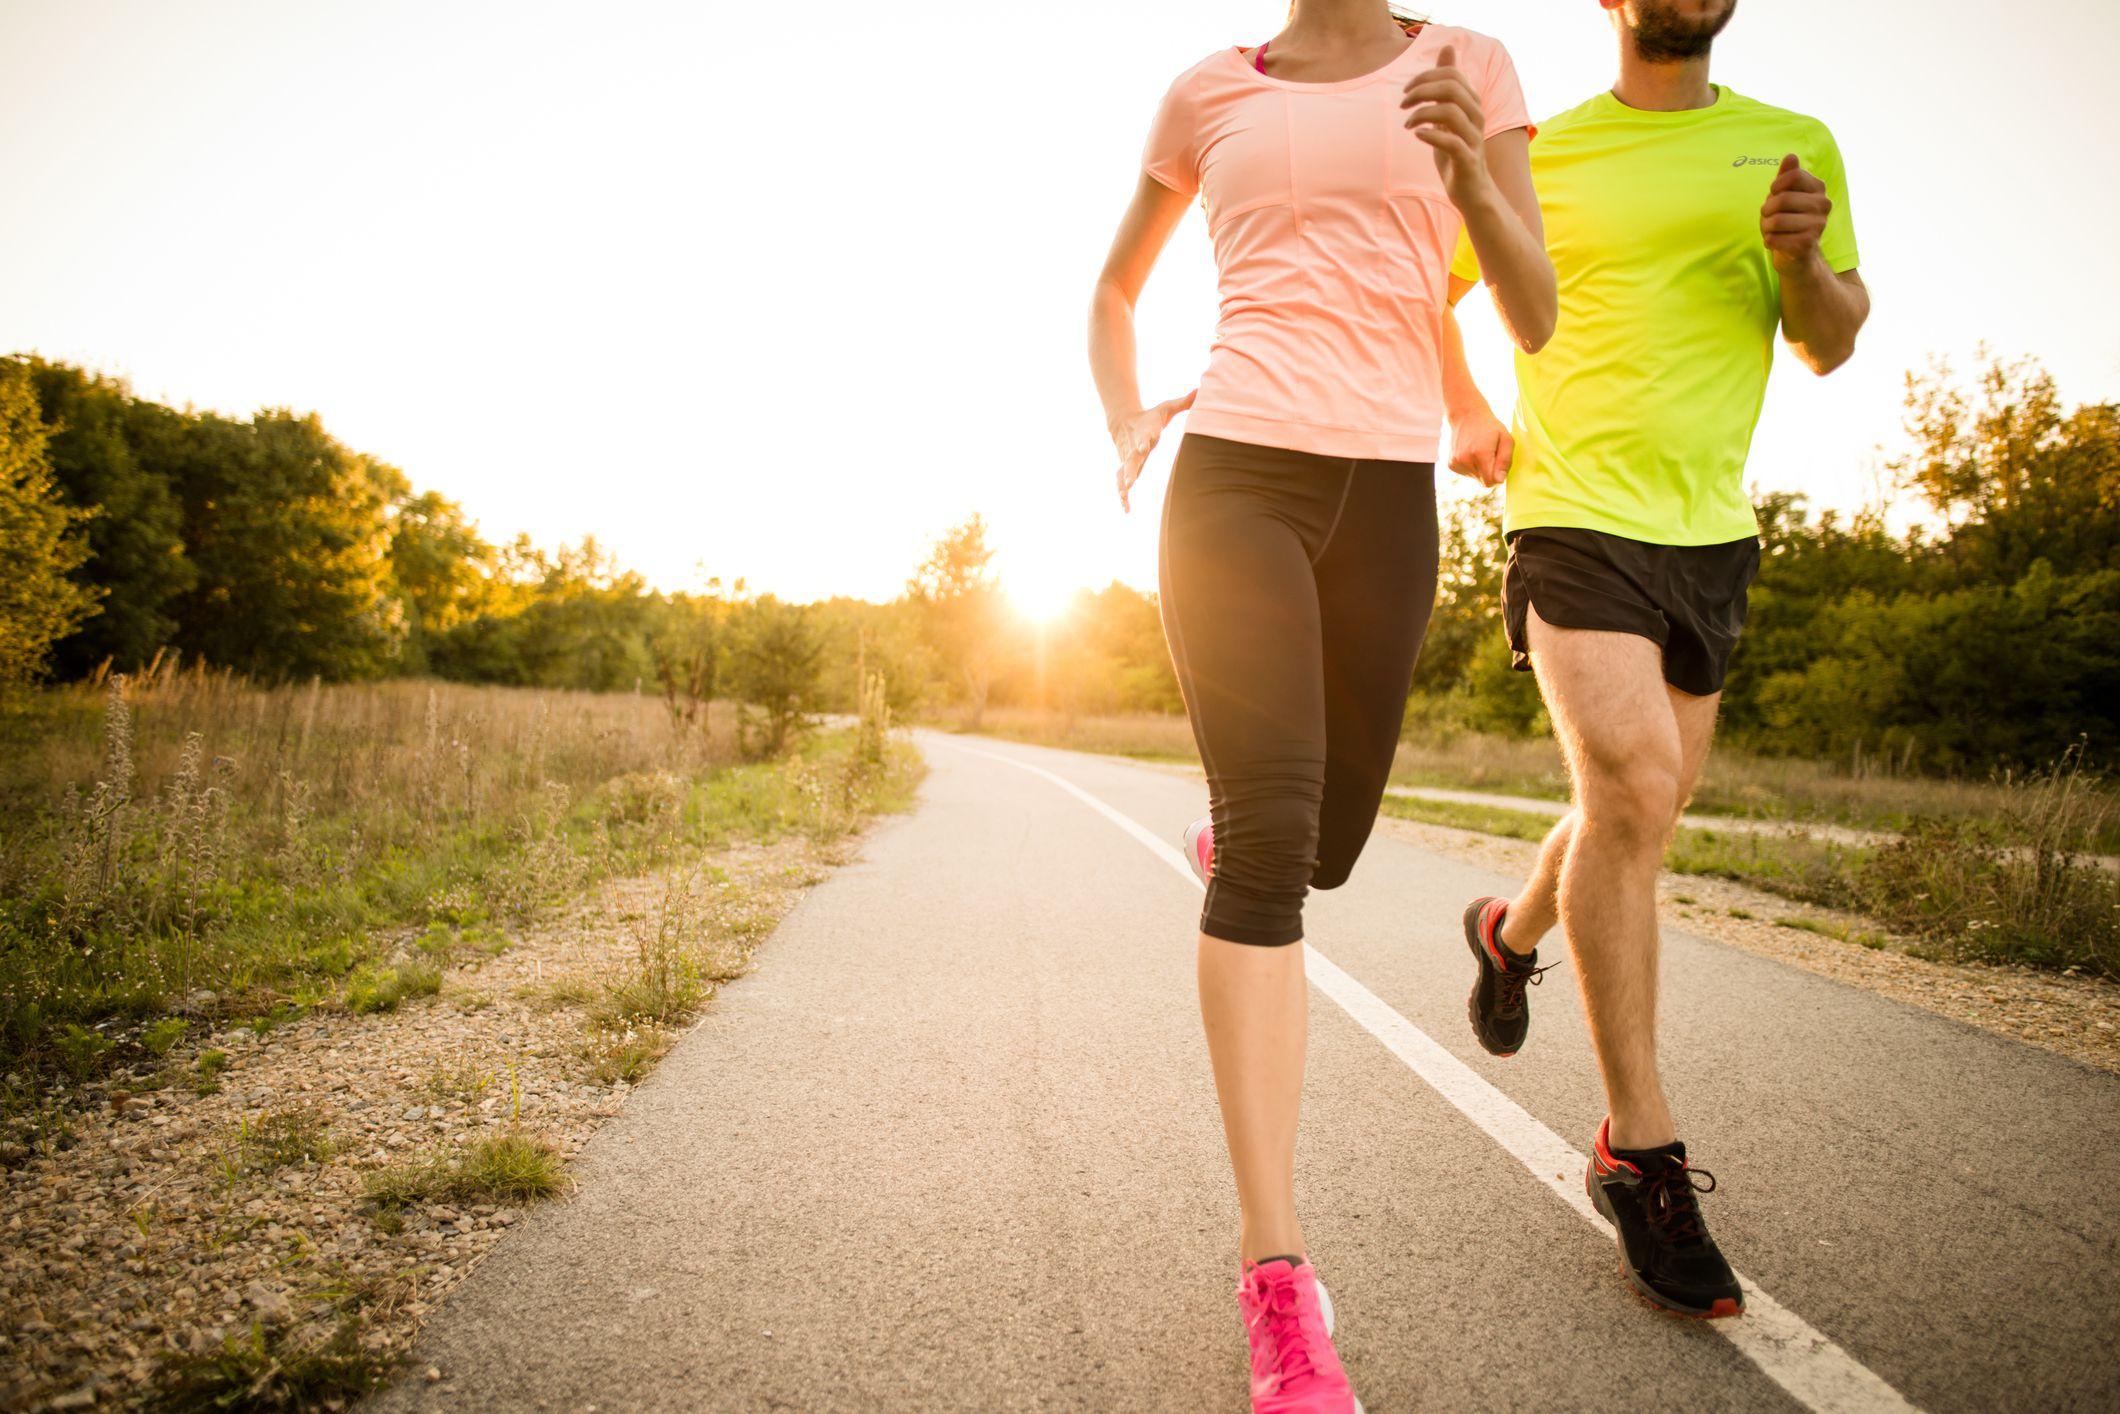 Atividade física reduz risco de mortalidade por doença cardíaca